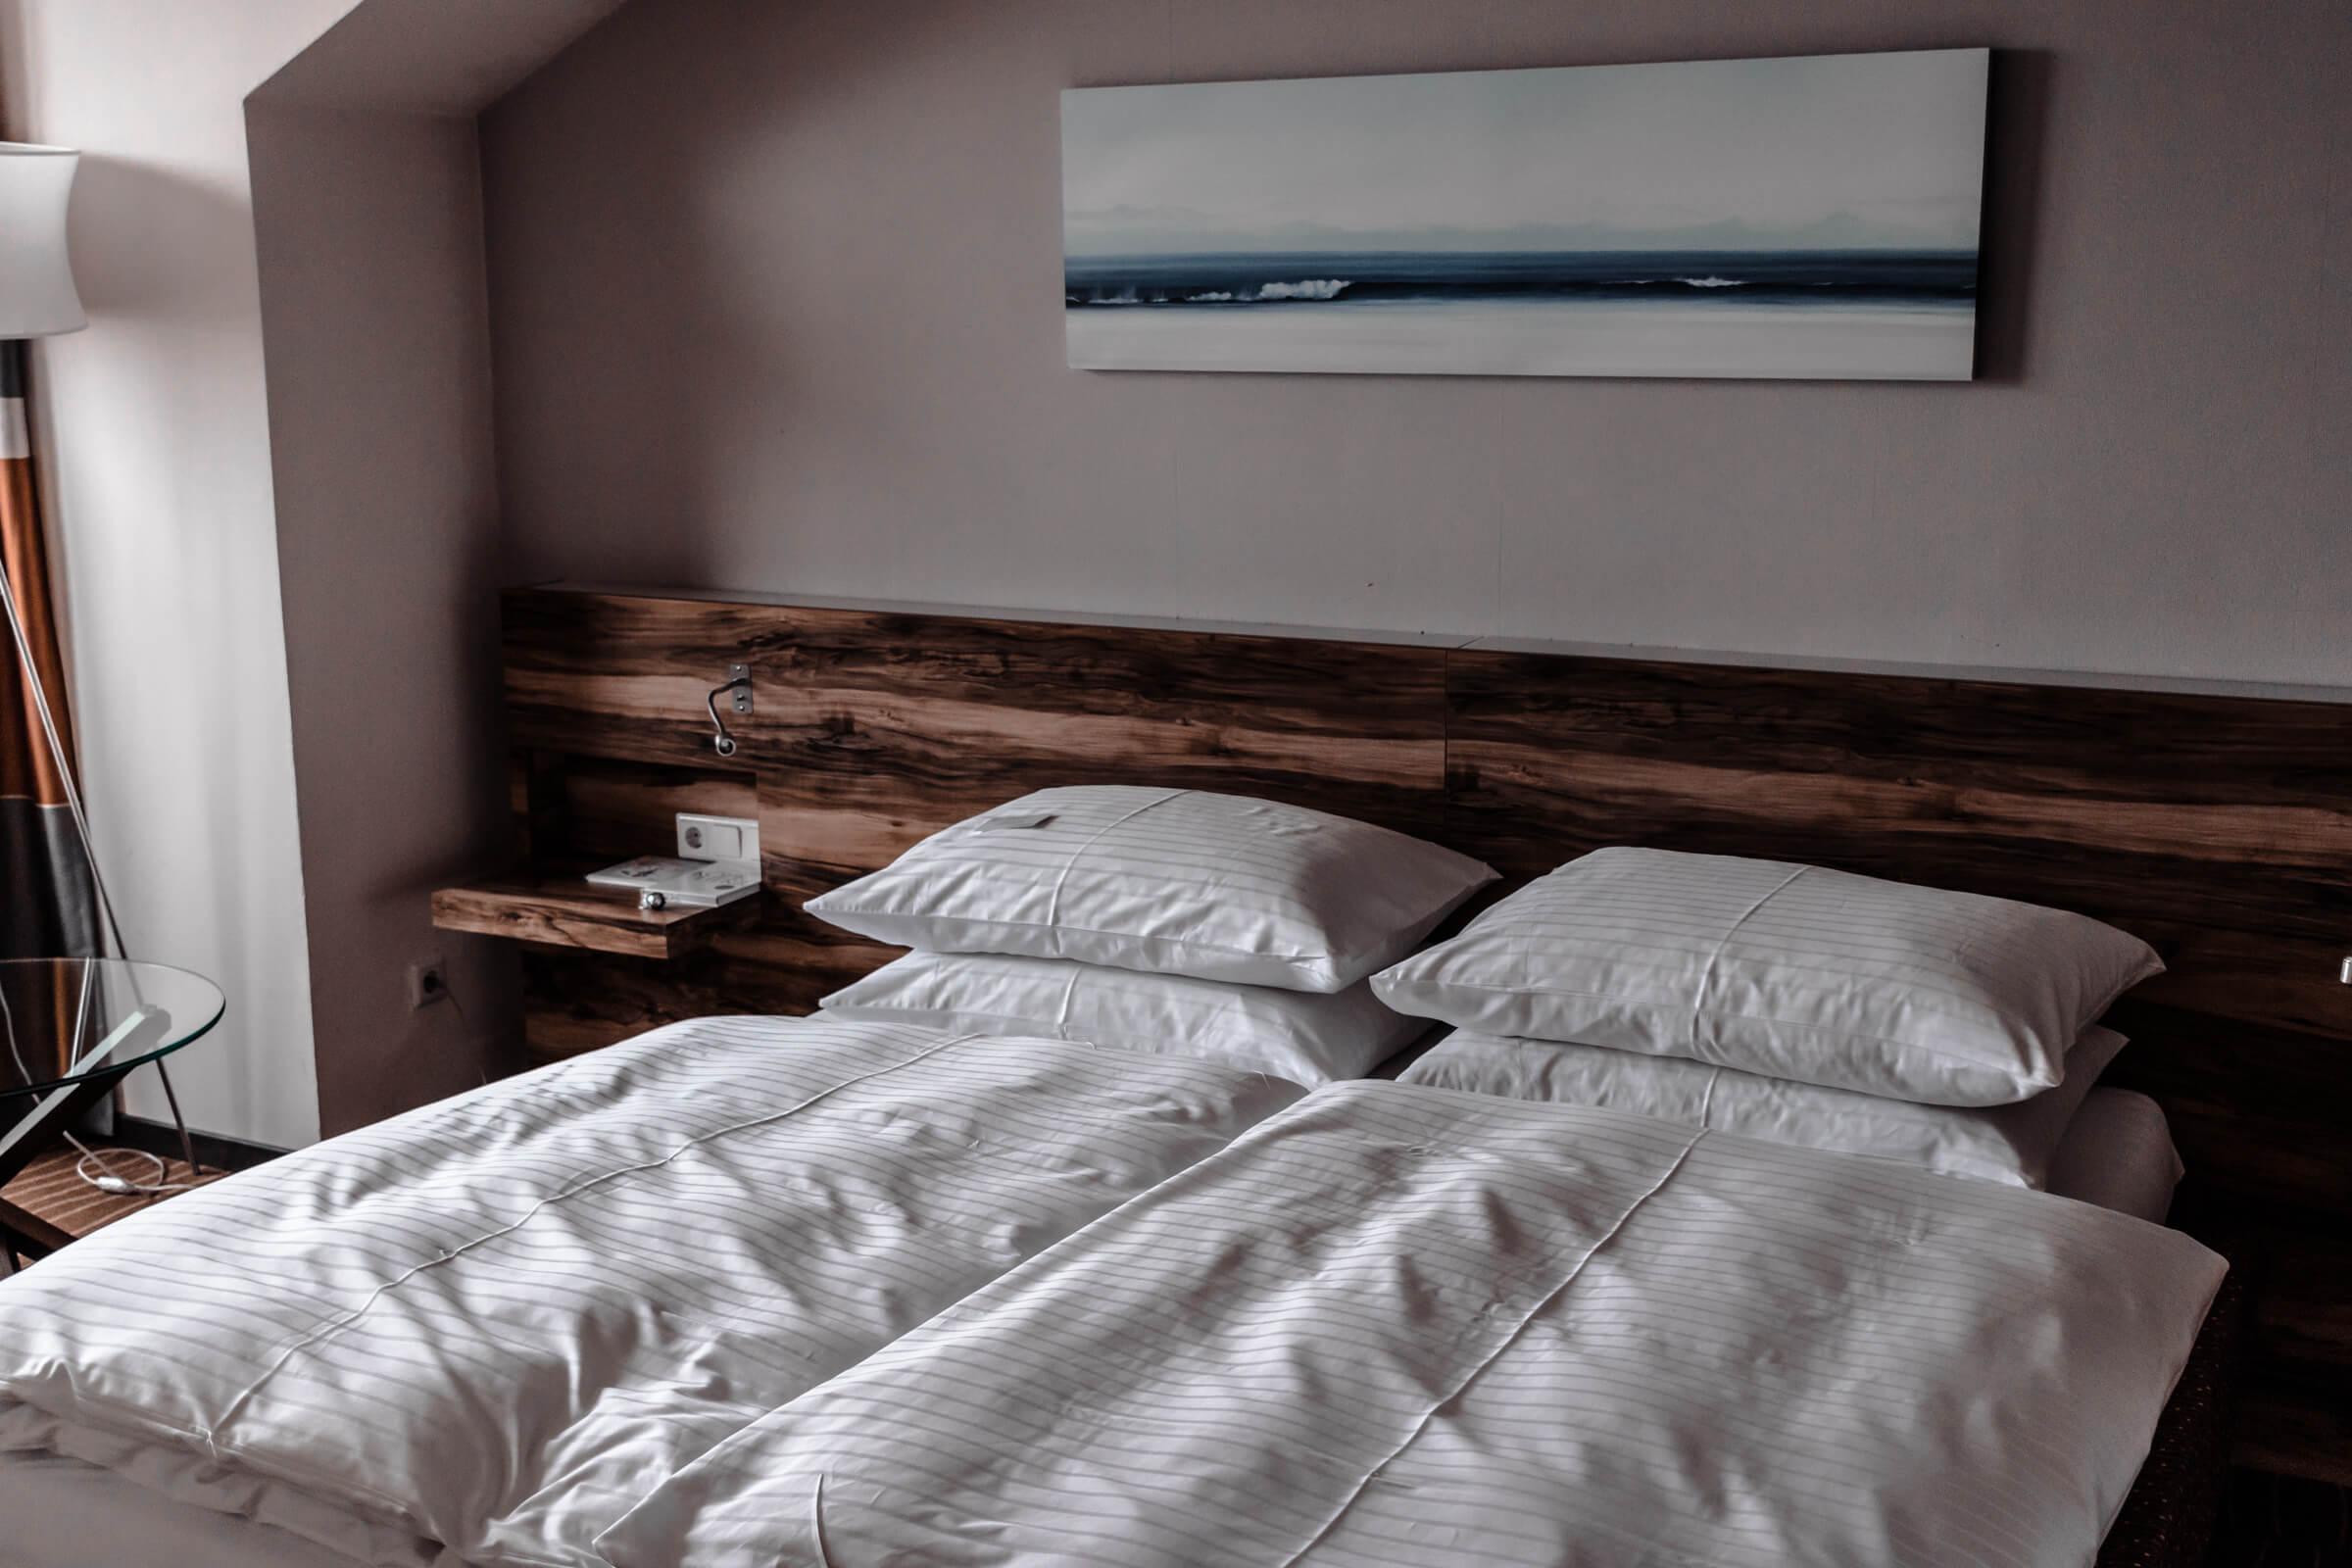 Hotel Stoiser Steiermark Review